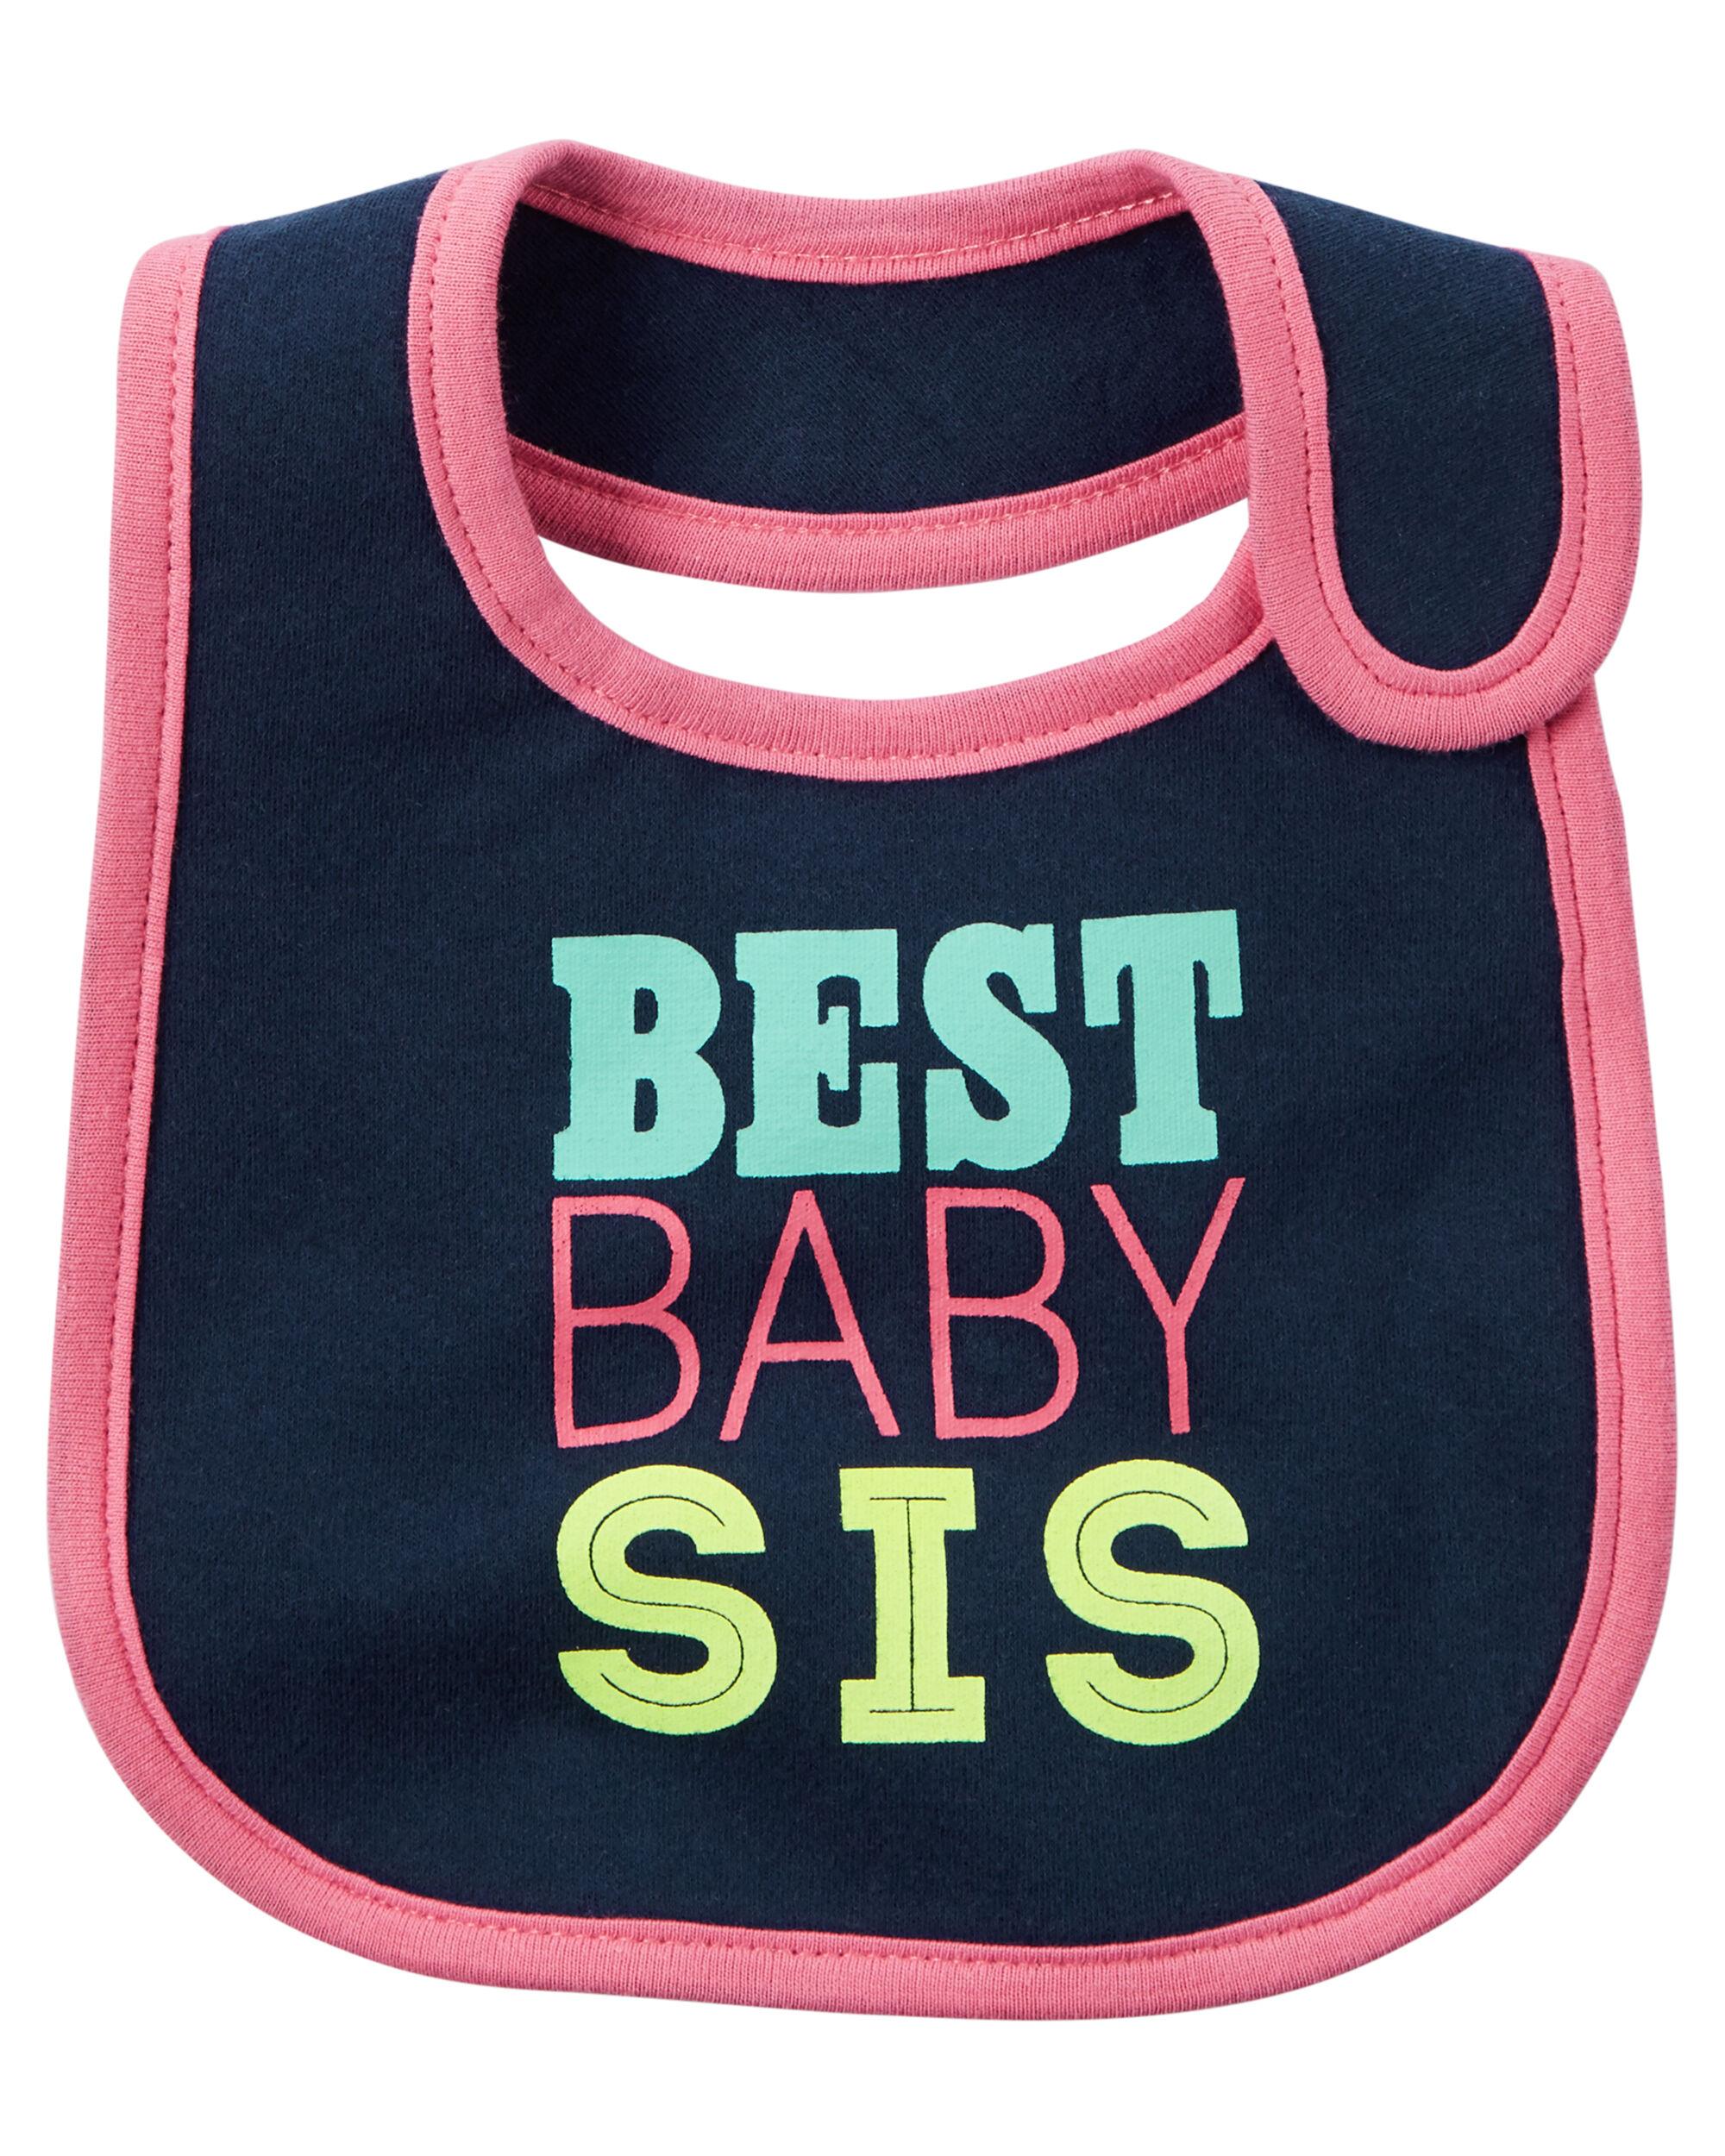 Best Baby Sis Teething Bib